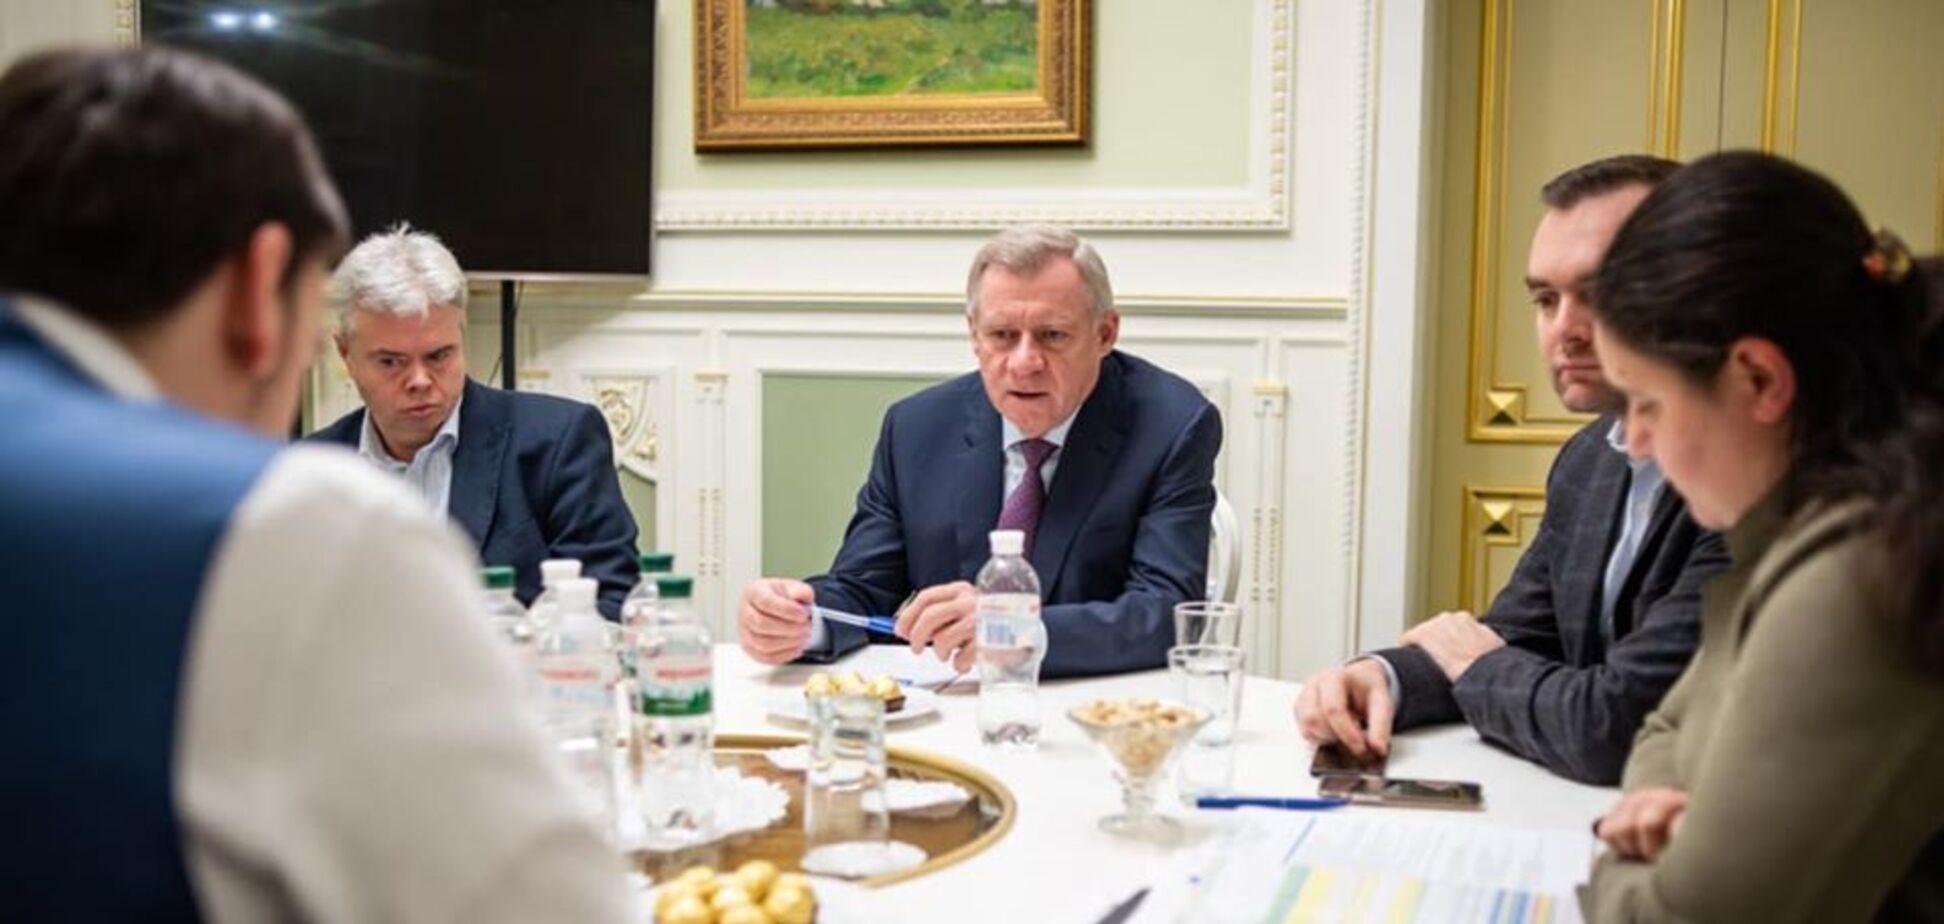 Встреча, на которой, возможно, был записан разговор